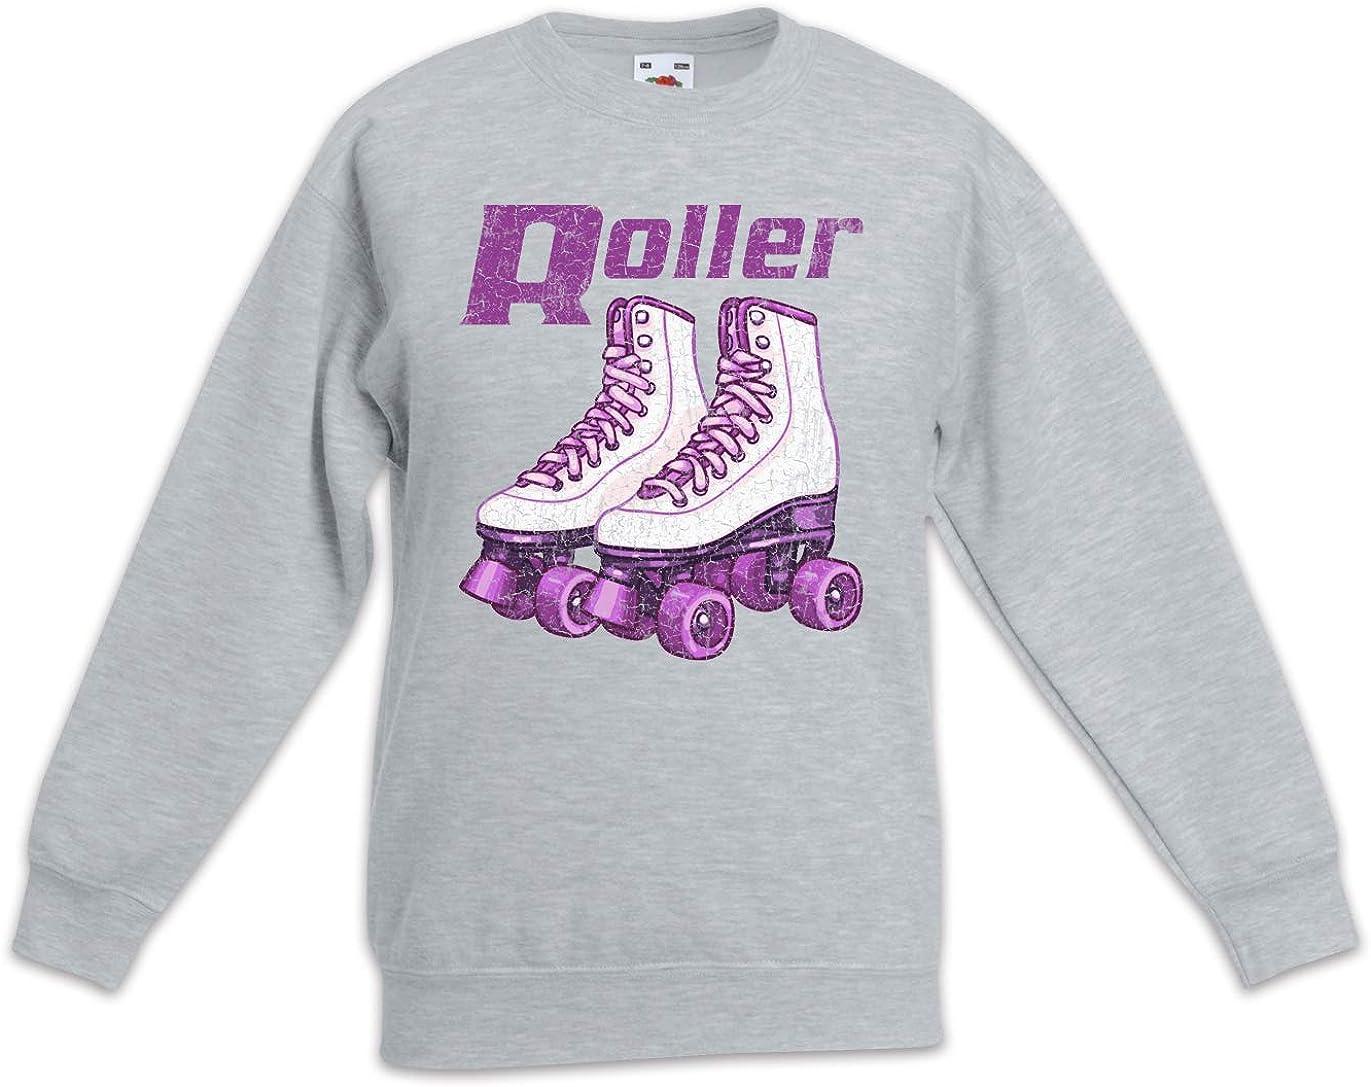 Urban Backwoods Roller Skates Roller Bambini e Ragazzi Ragazze Felpa Pullover Maglione